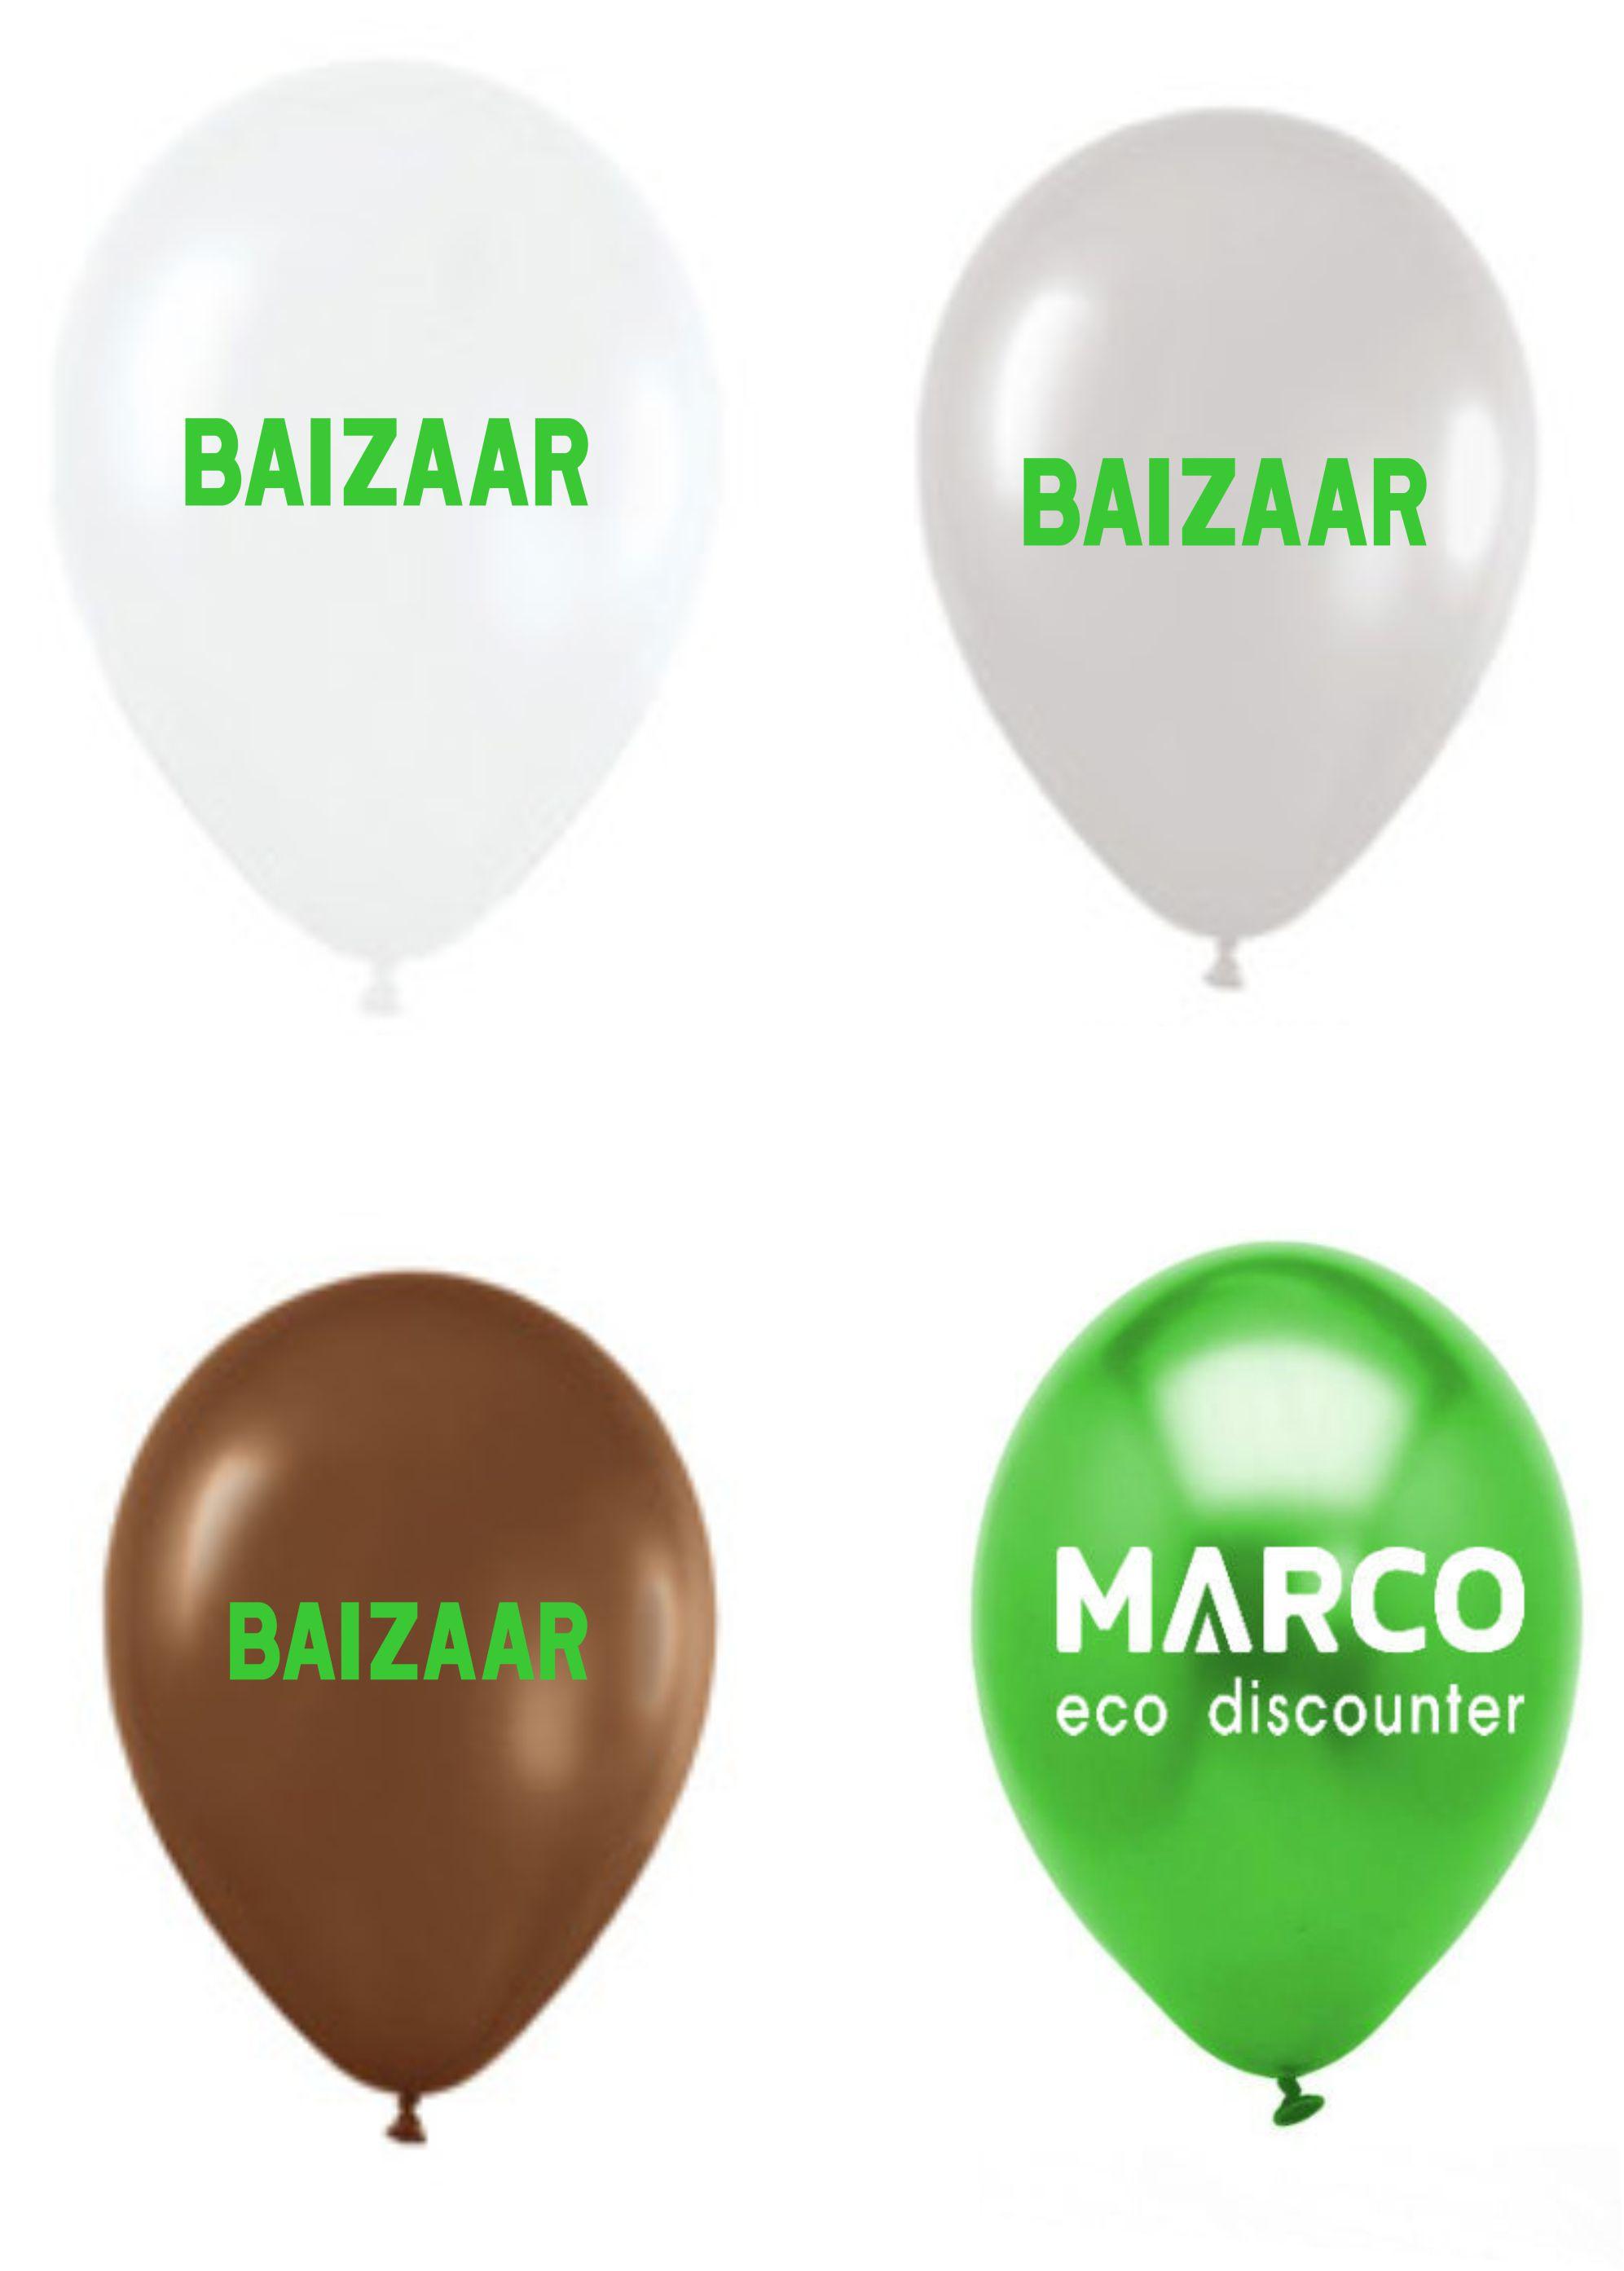 печать_на_зеленом_и_коричневых_шарах.jpg